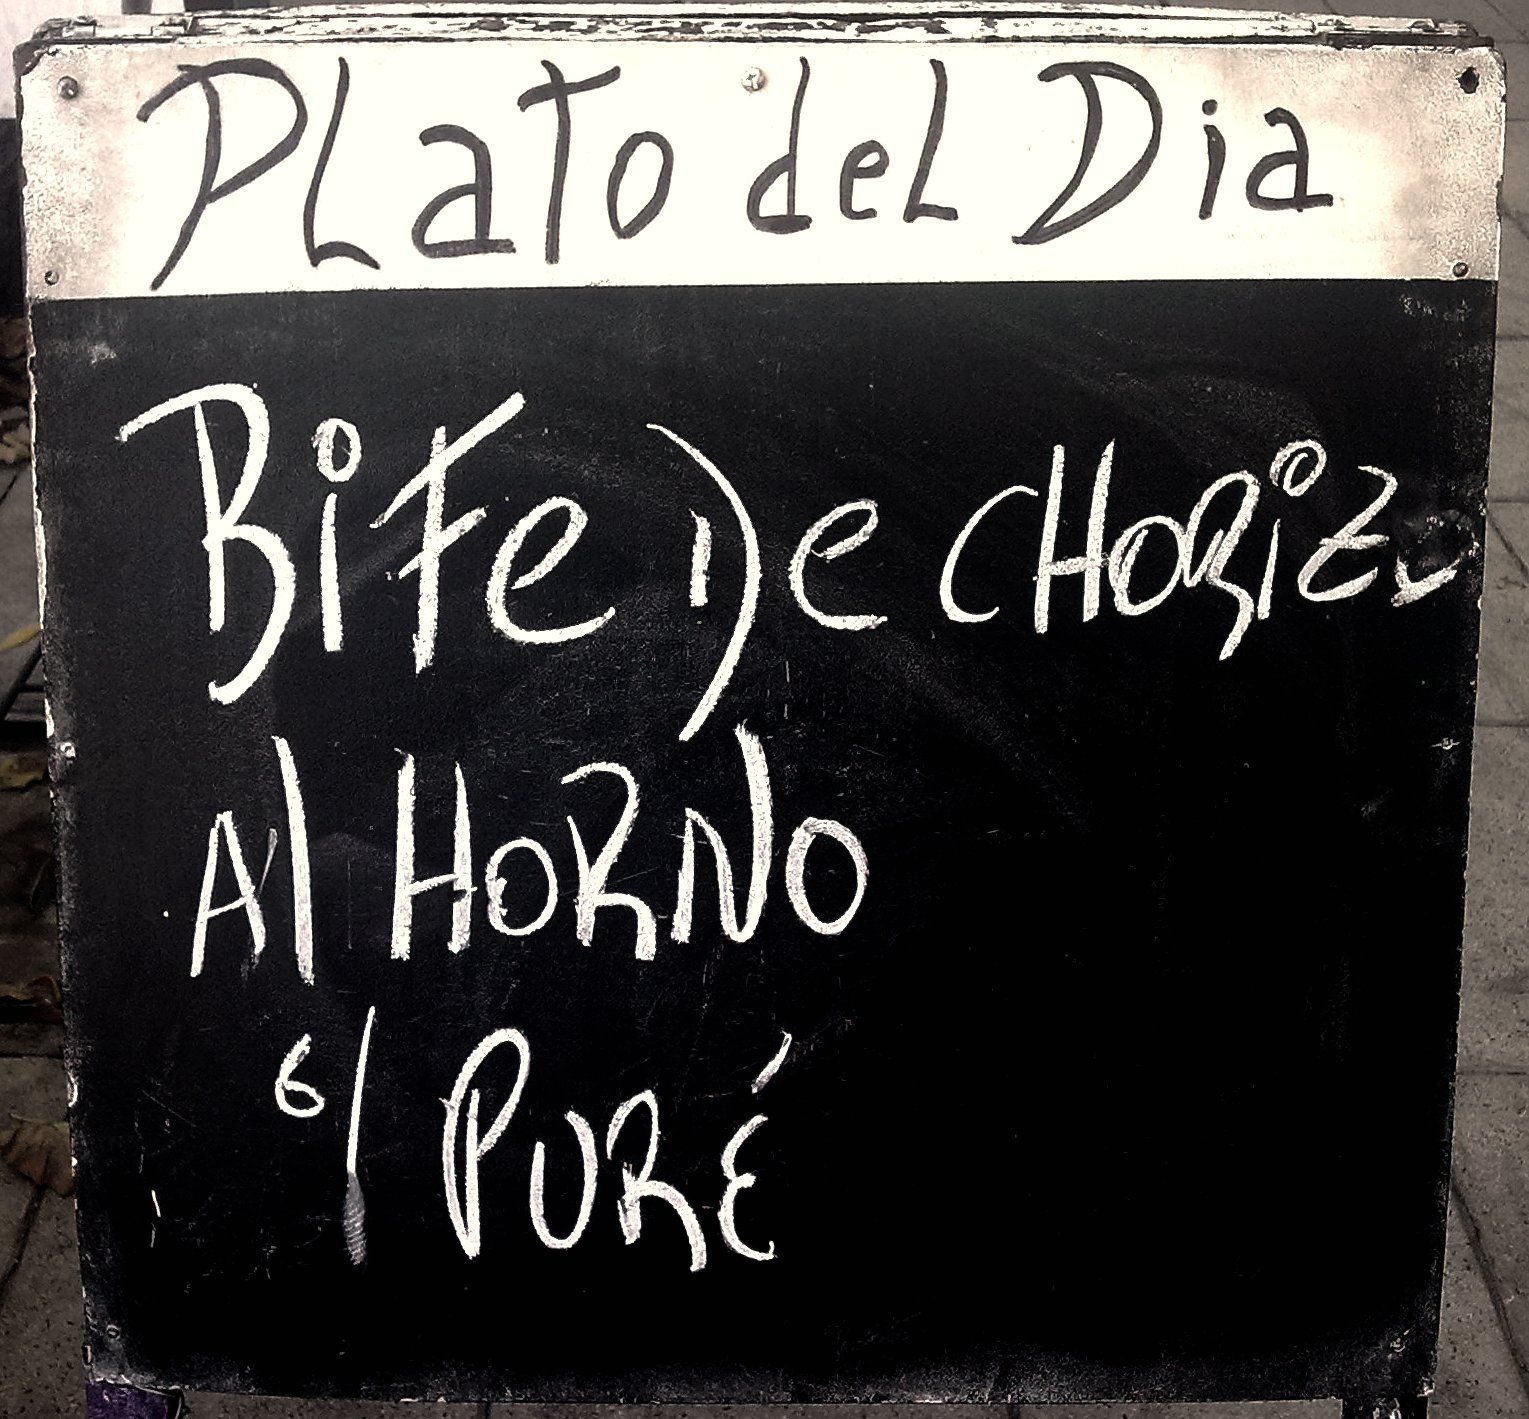 Plato del día. Pineado de http://www.flickr.com/photos/reiven/3529194806/in/faves-marcelaspezzapria/